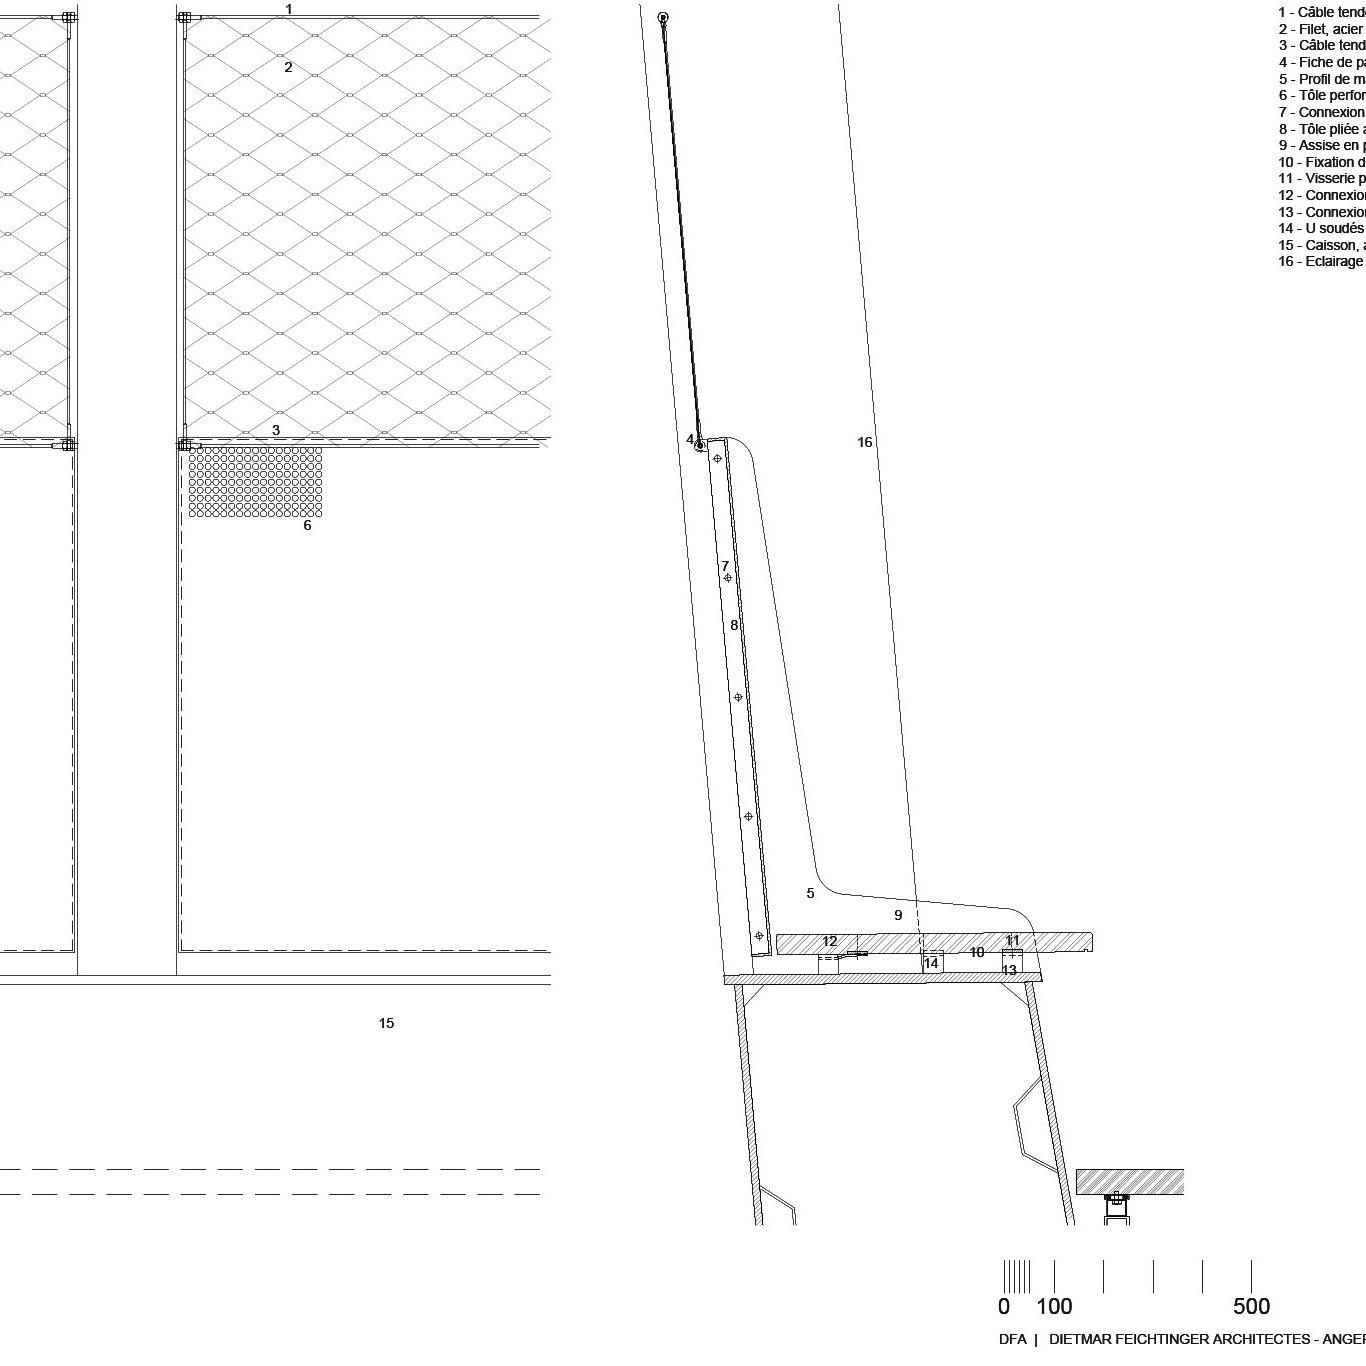 Bench detail - Footbridge at Angers Saint-Laud TGV Train Station / Dietmar Feichtinger Architectes (DFA)